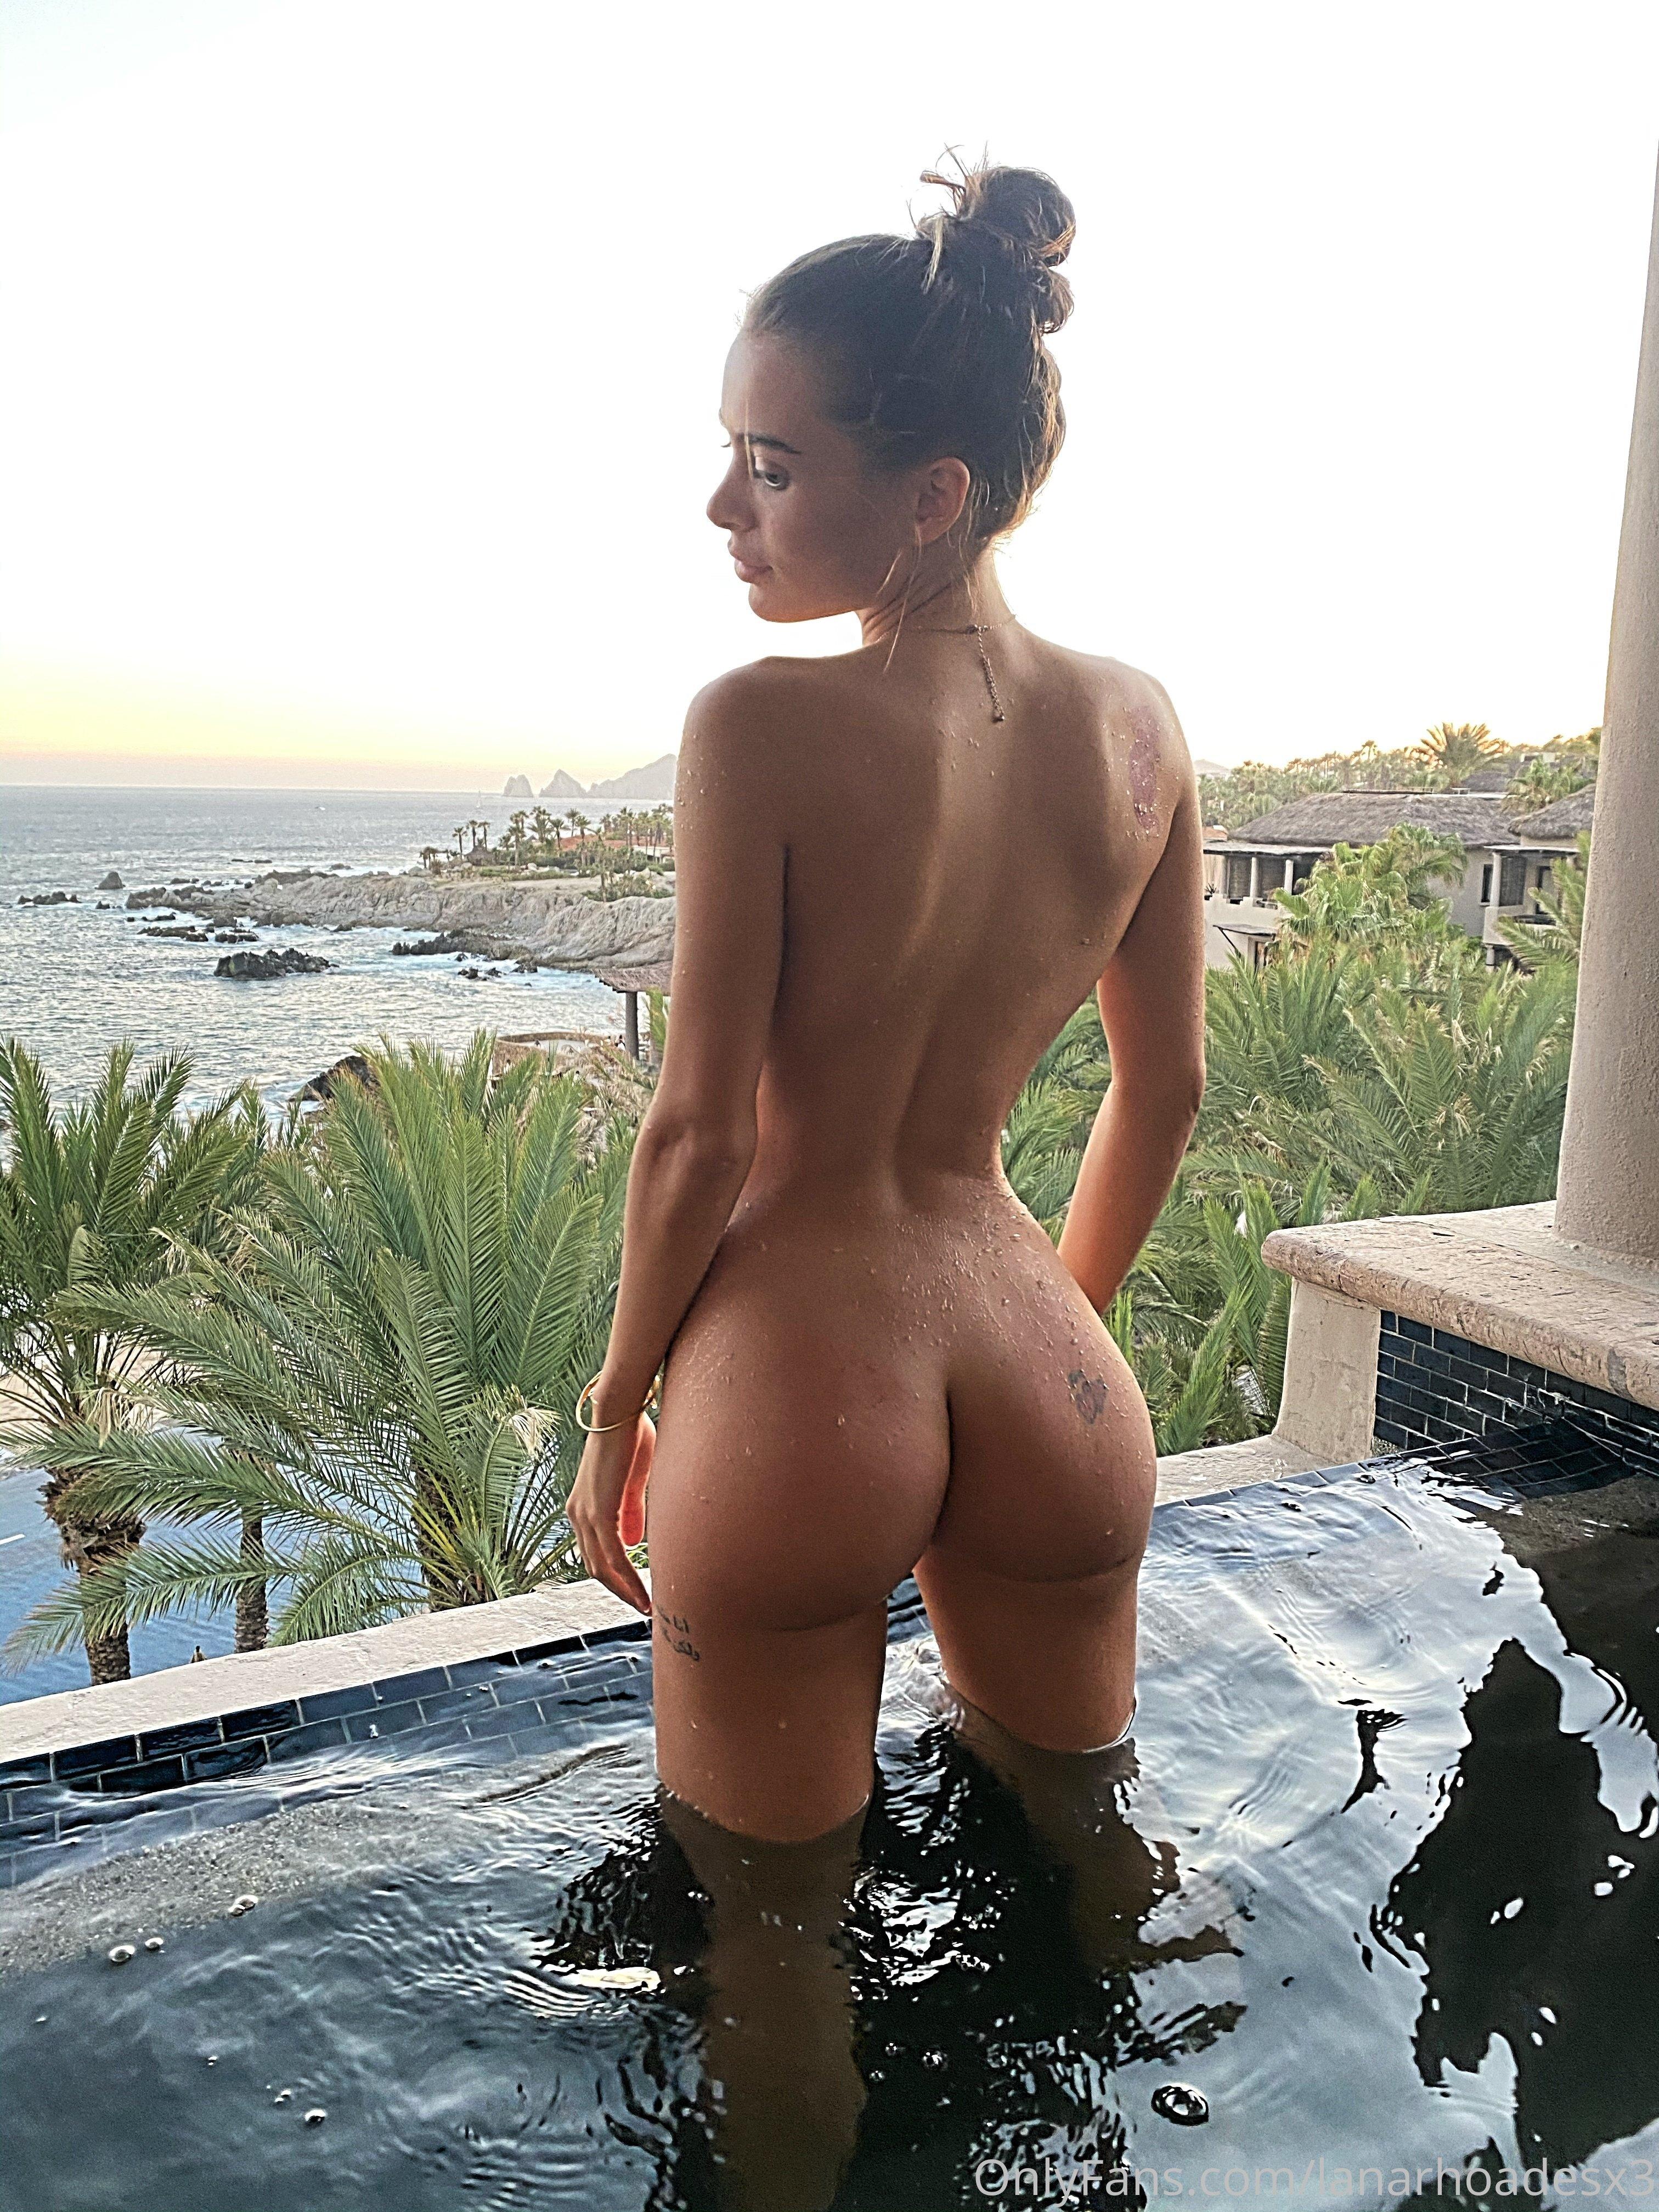 Lana Rhoades, Lanarhoades, Onlyfans Nude Leaks 0048